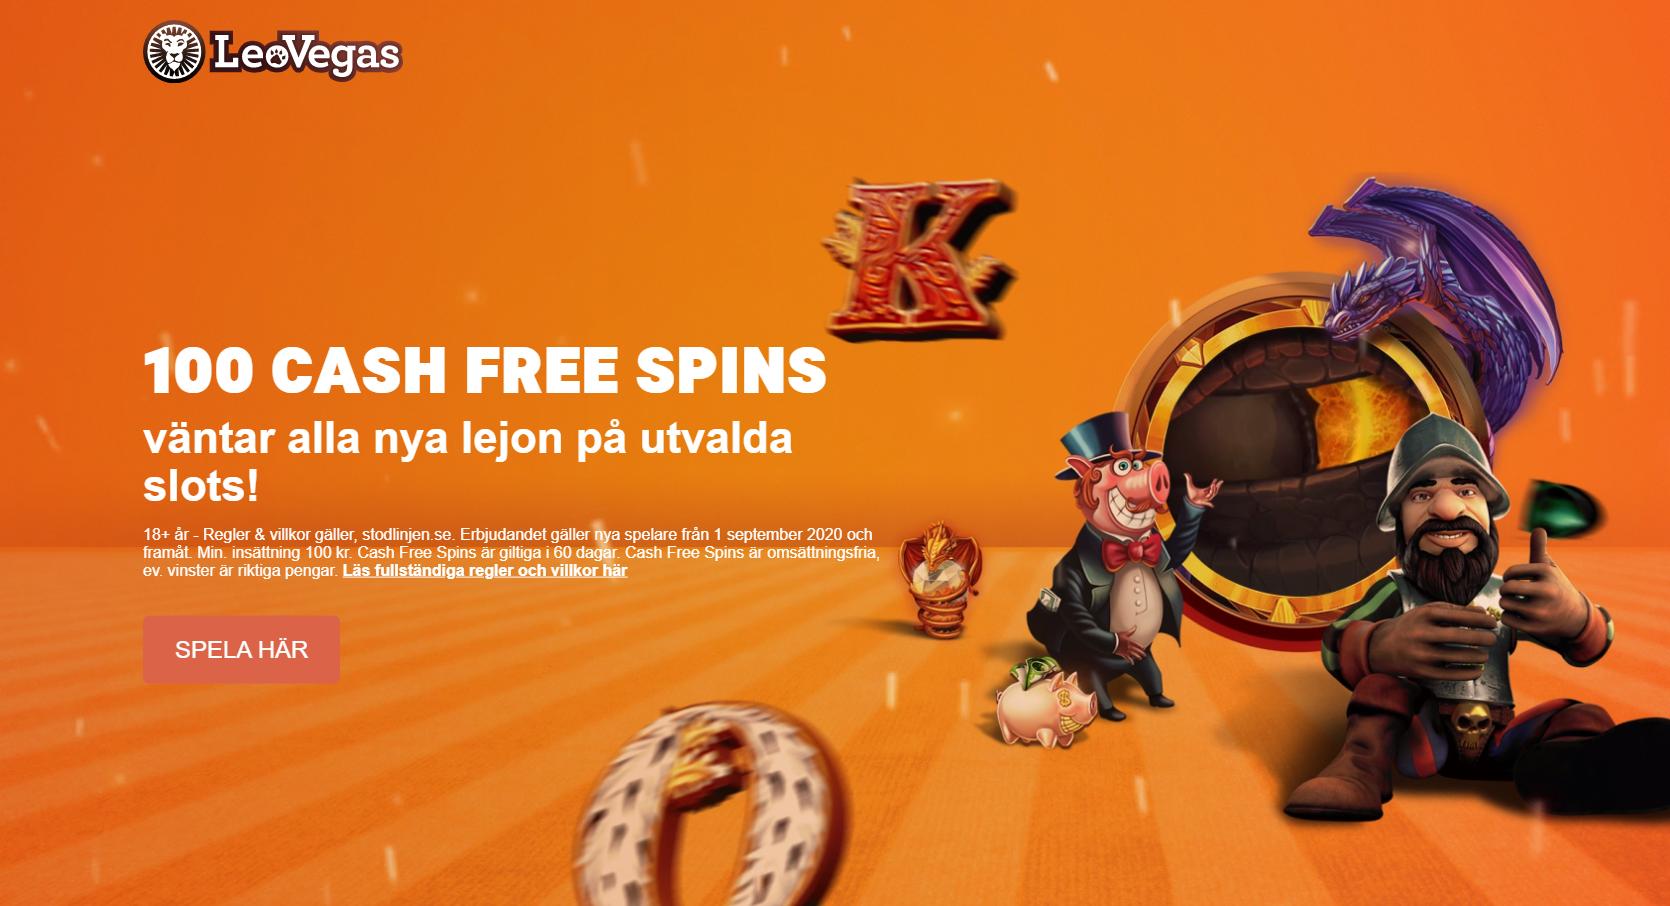 Leovegas casino bonus - 100 cash free spins utan omsättningskrav vid första insättning!